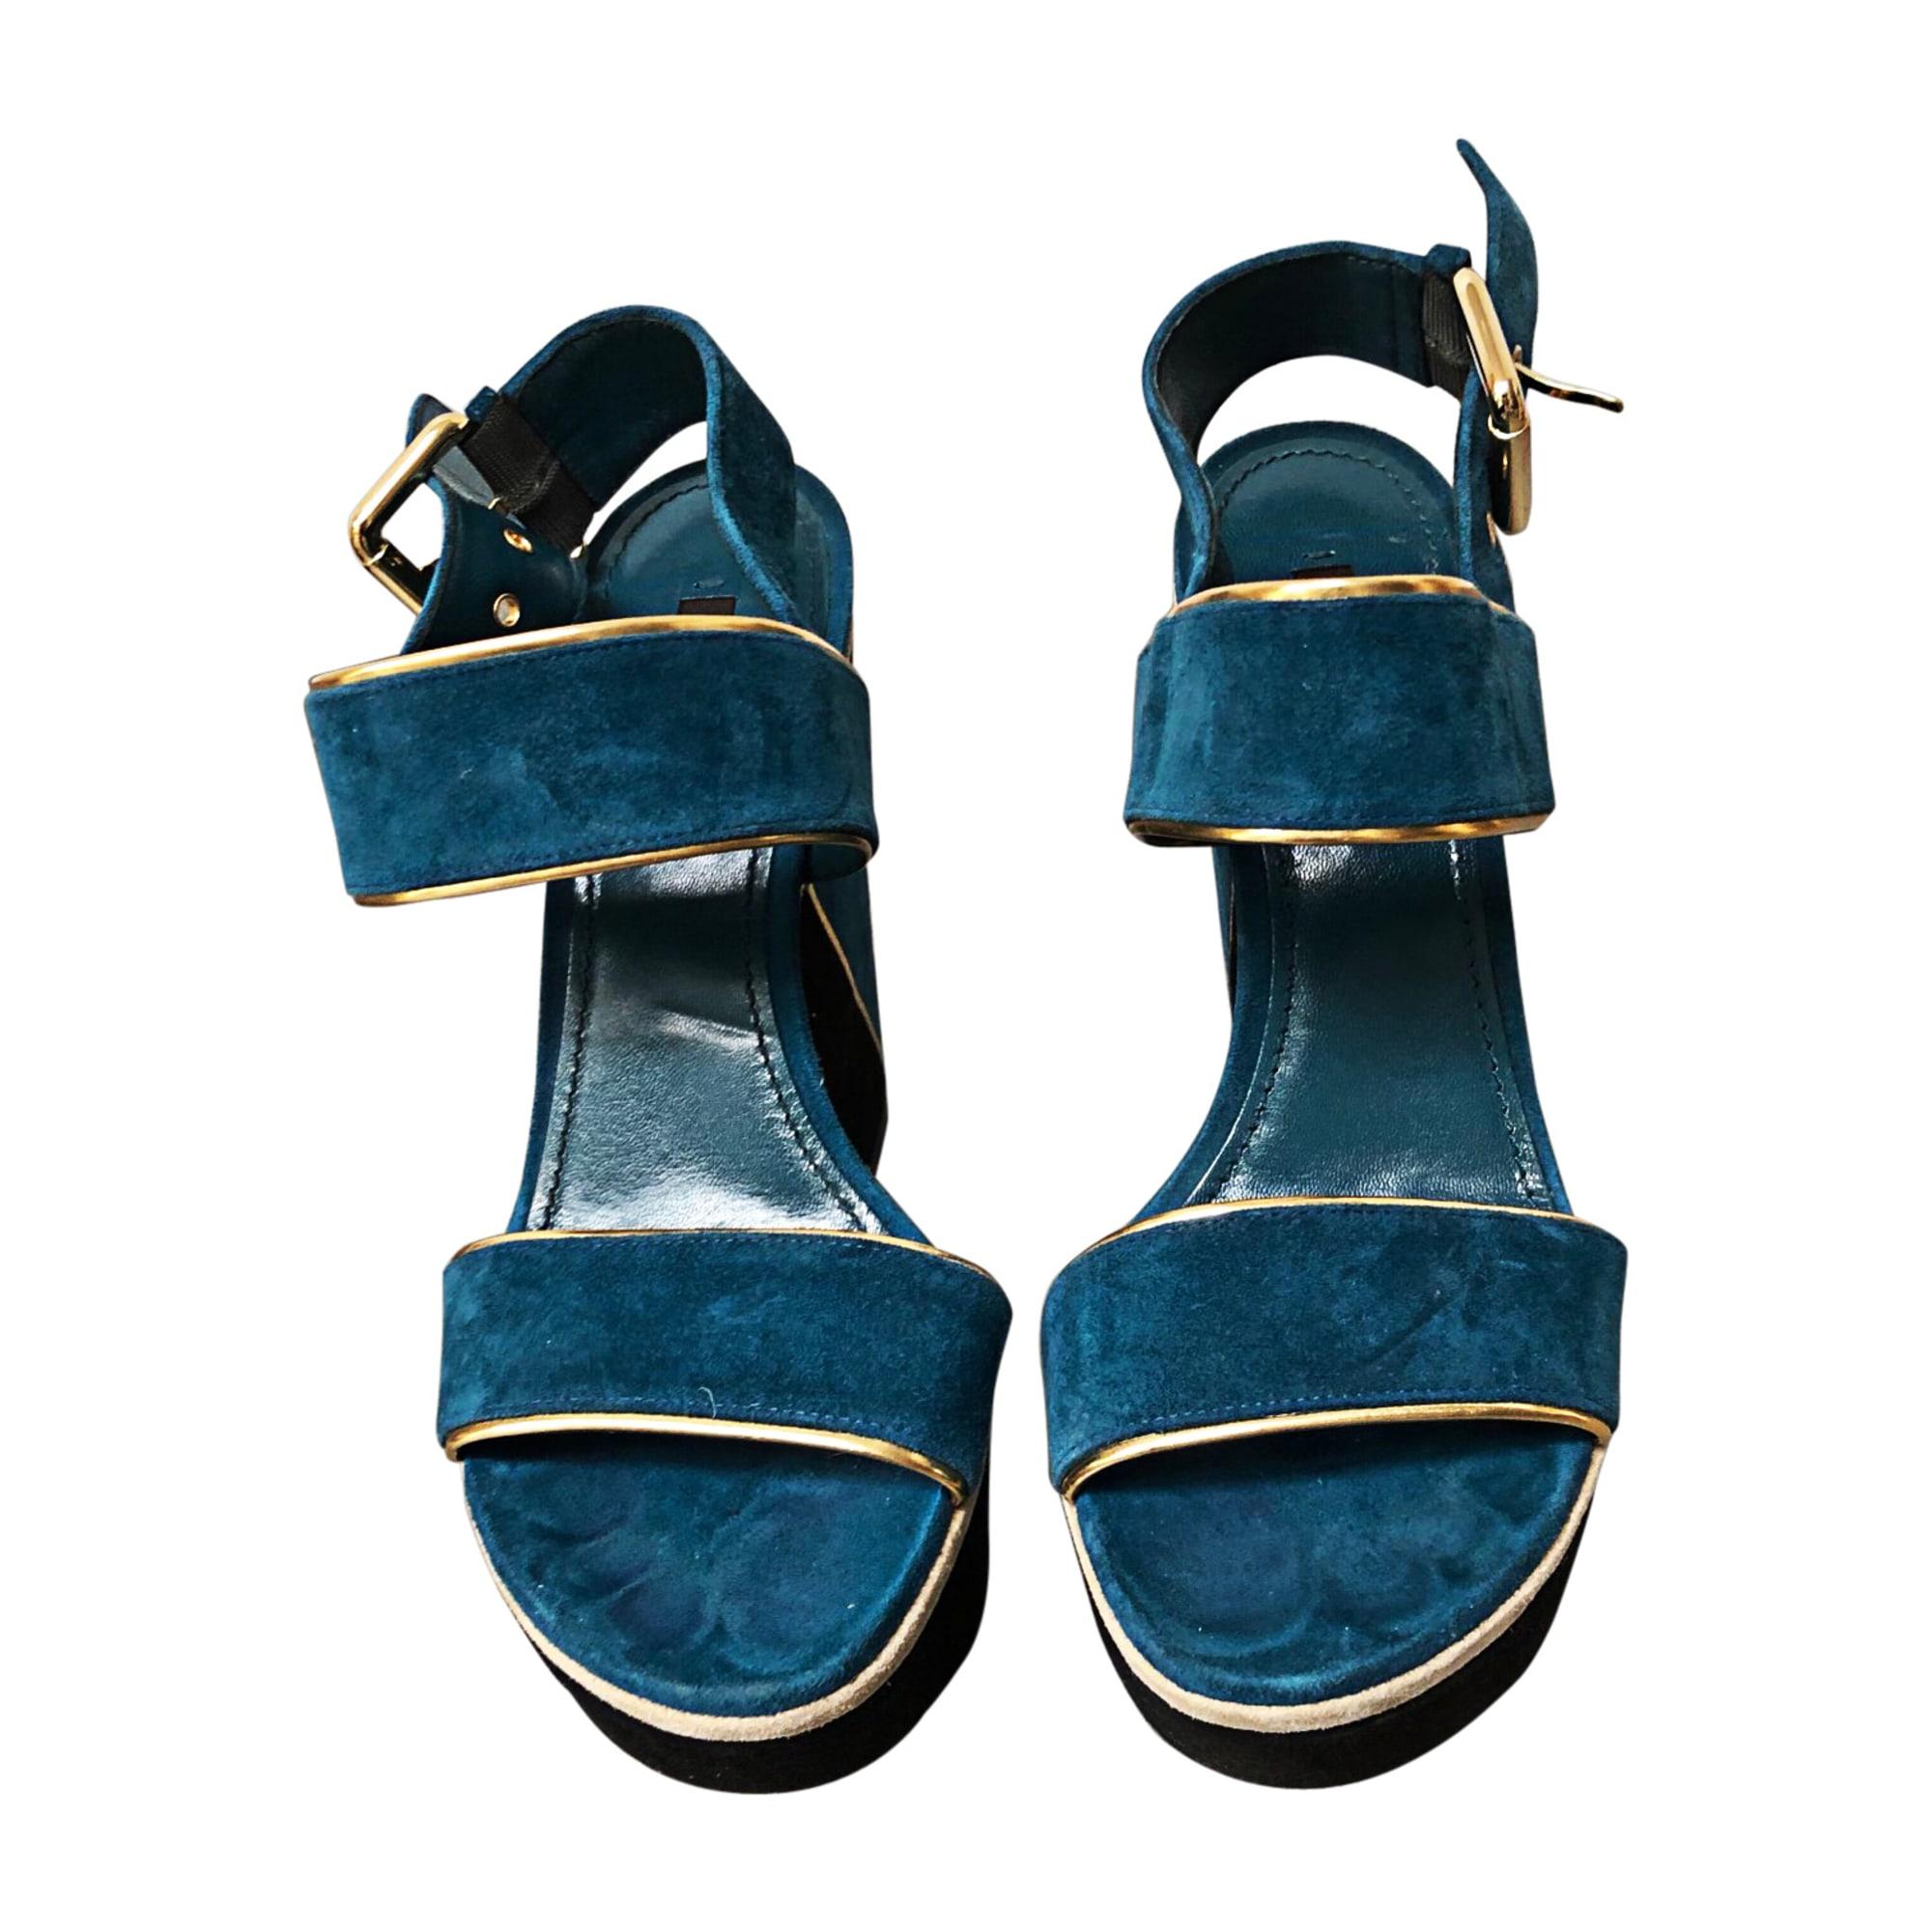 Plateausandalette LOUIS VUITTON Blau, marineblau, türkisblau